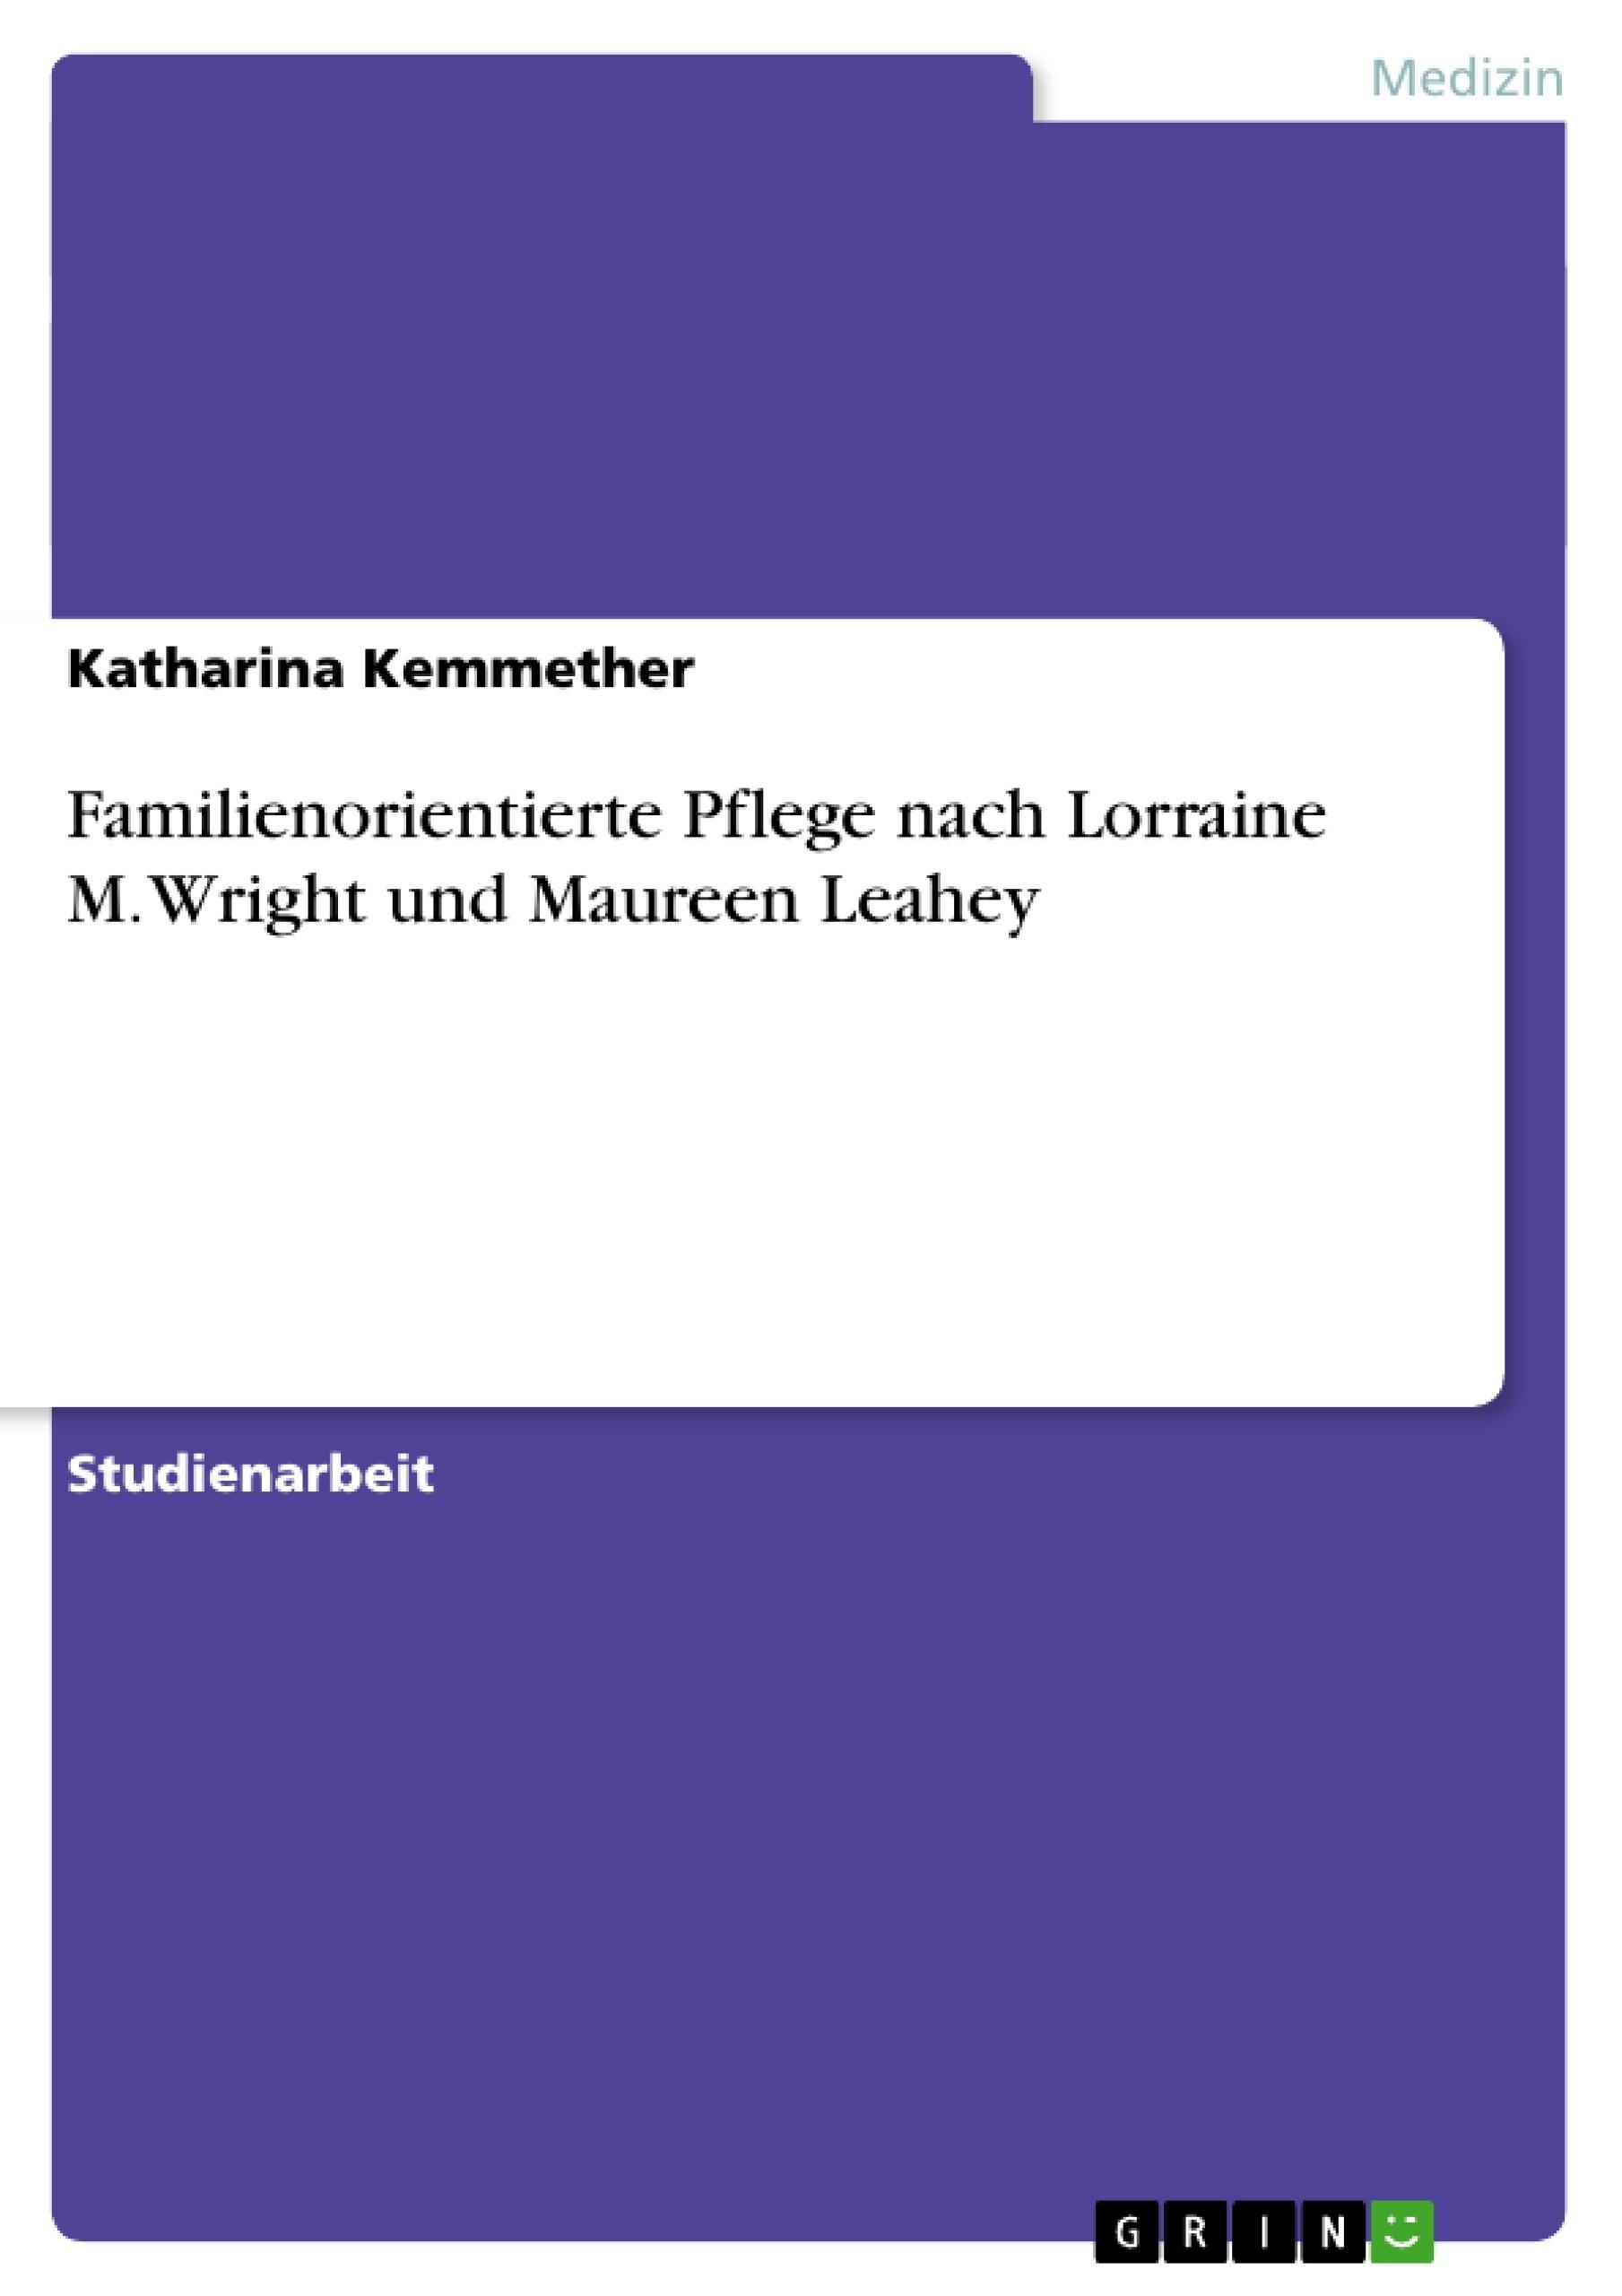 Titel: Familienorientierte Pflege nach Lorraine M. Wright und Maureen Leahey